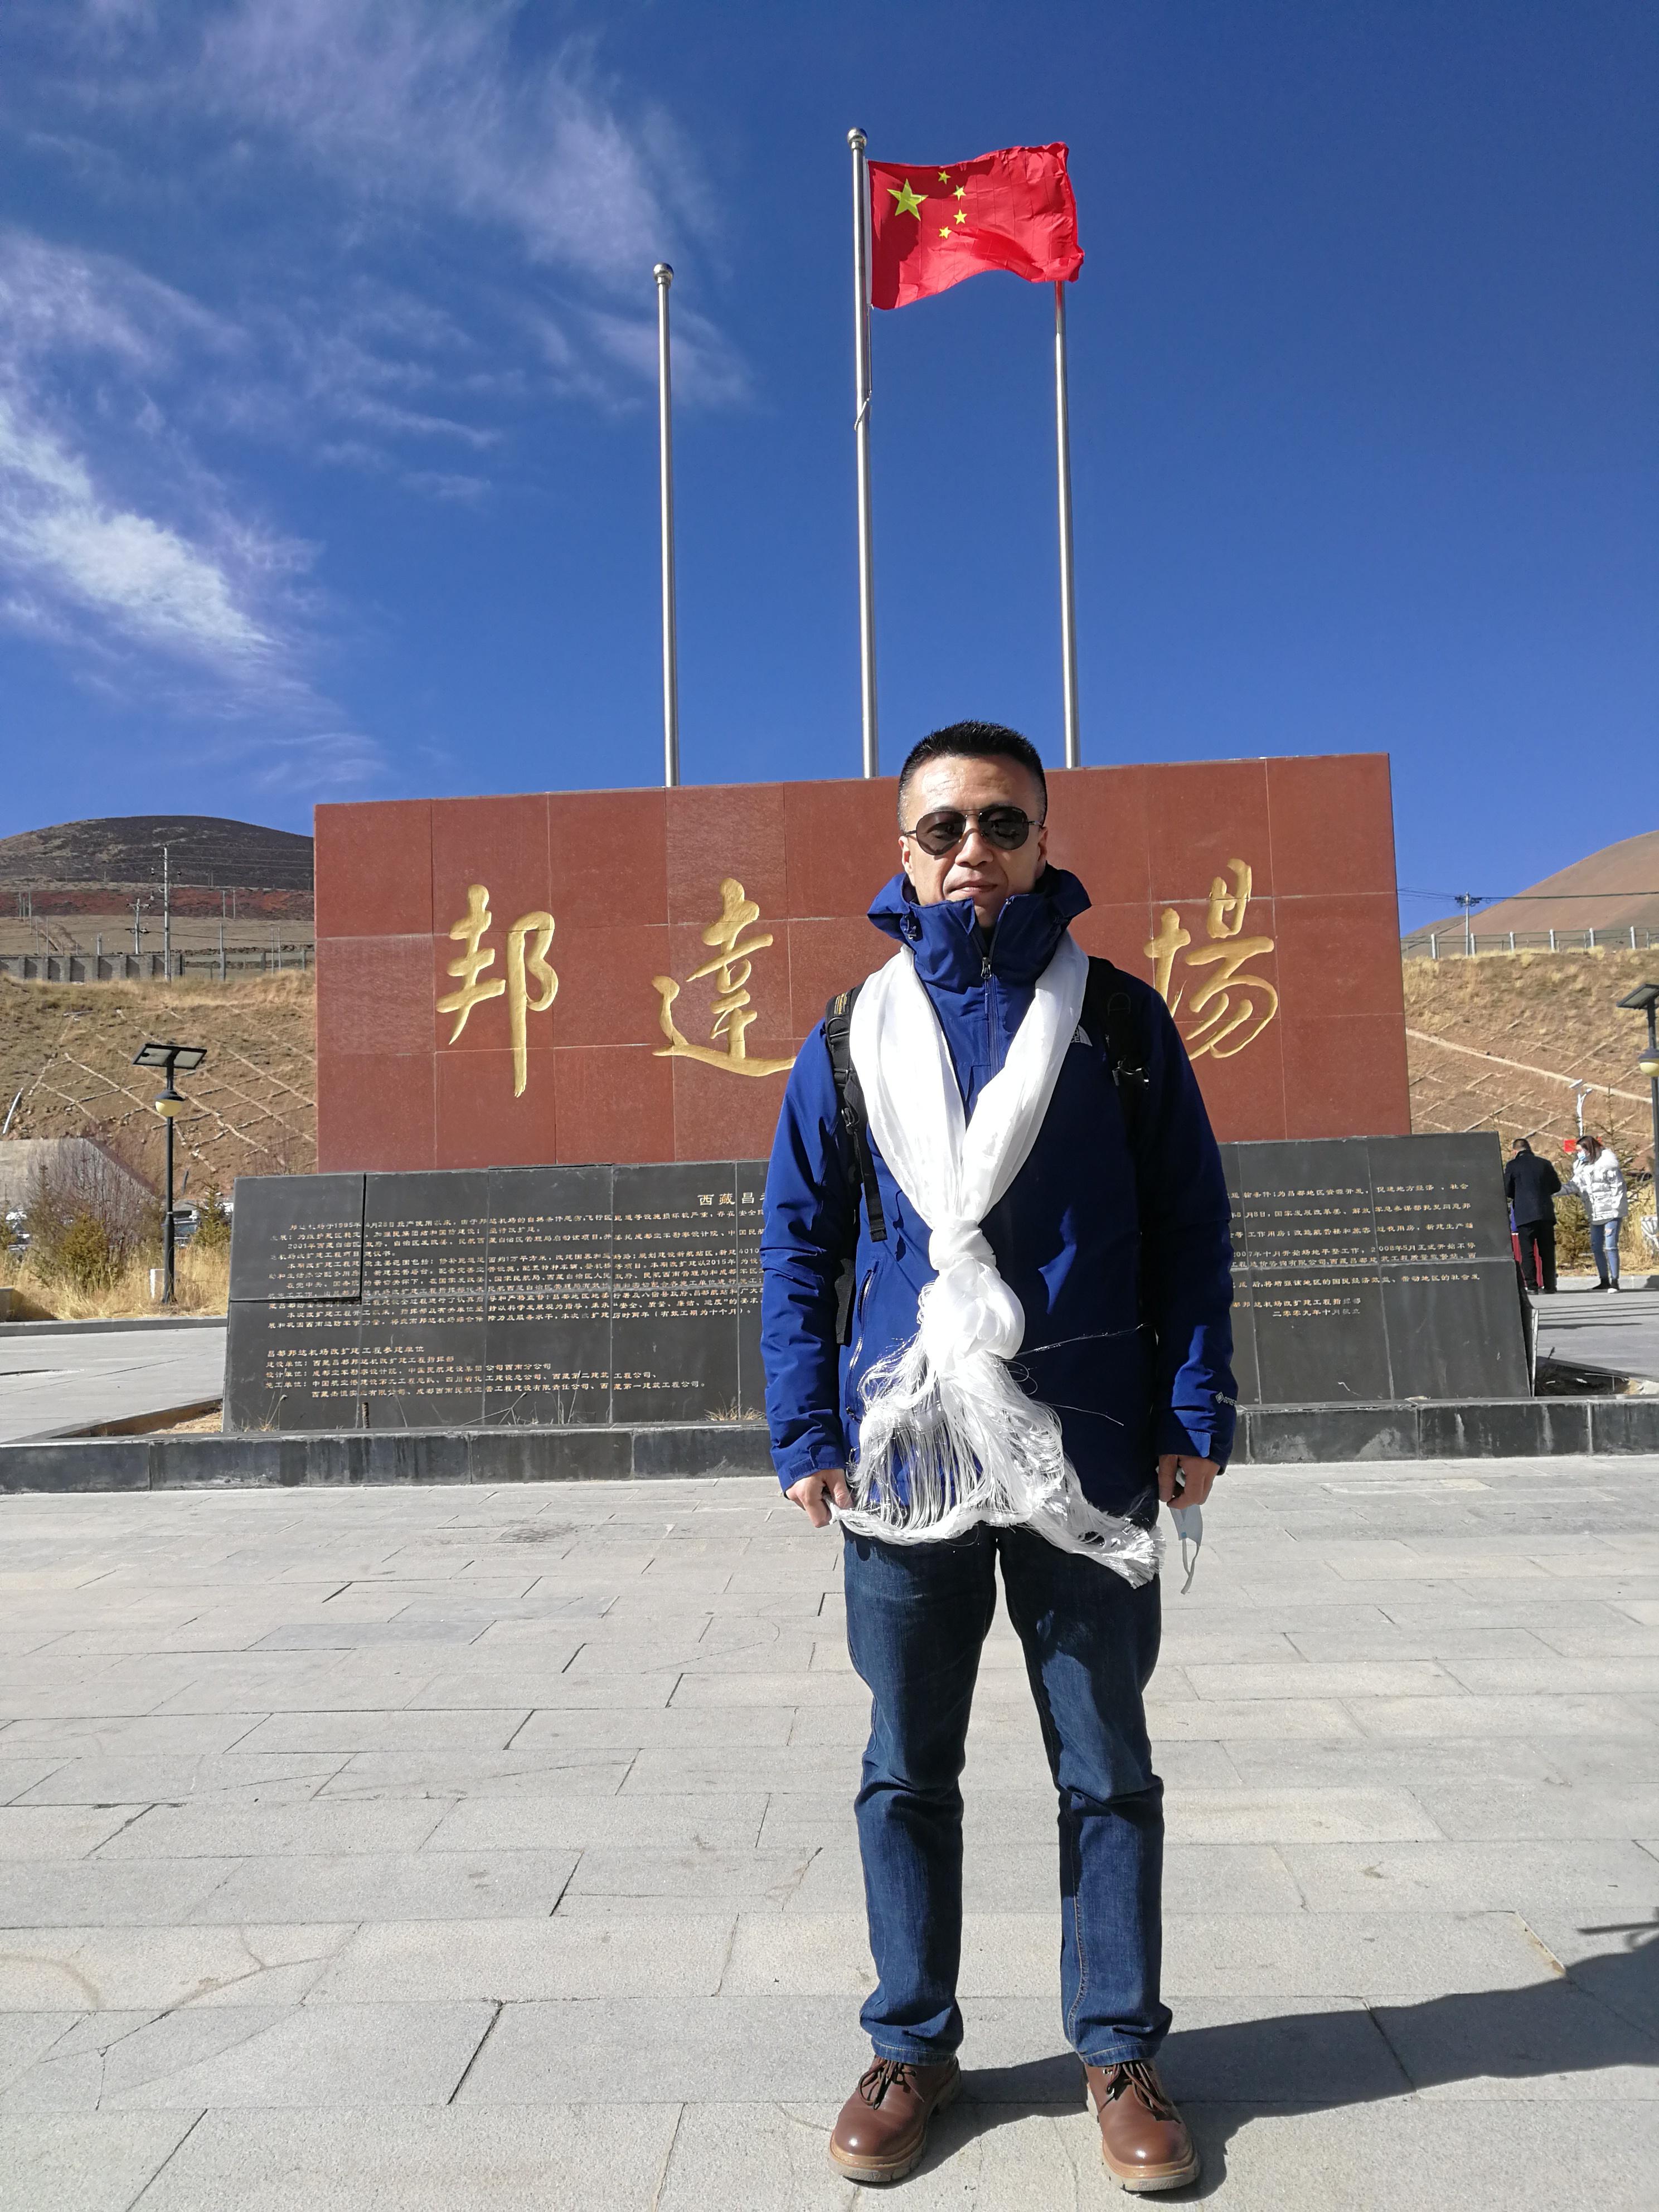 巴南援藏干部高海言将对口援助昌都报社。